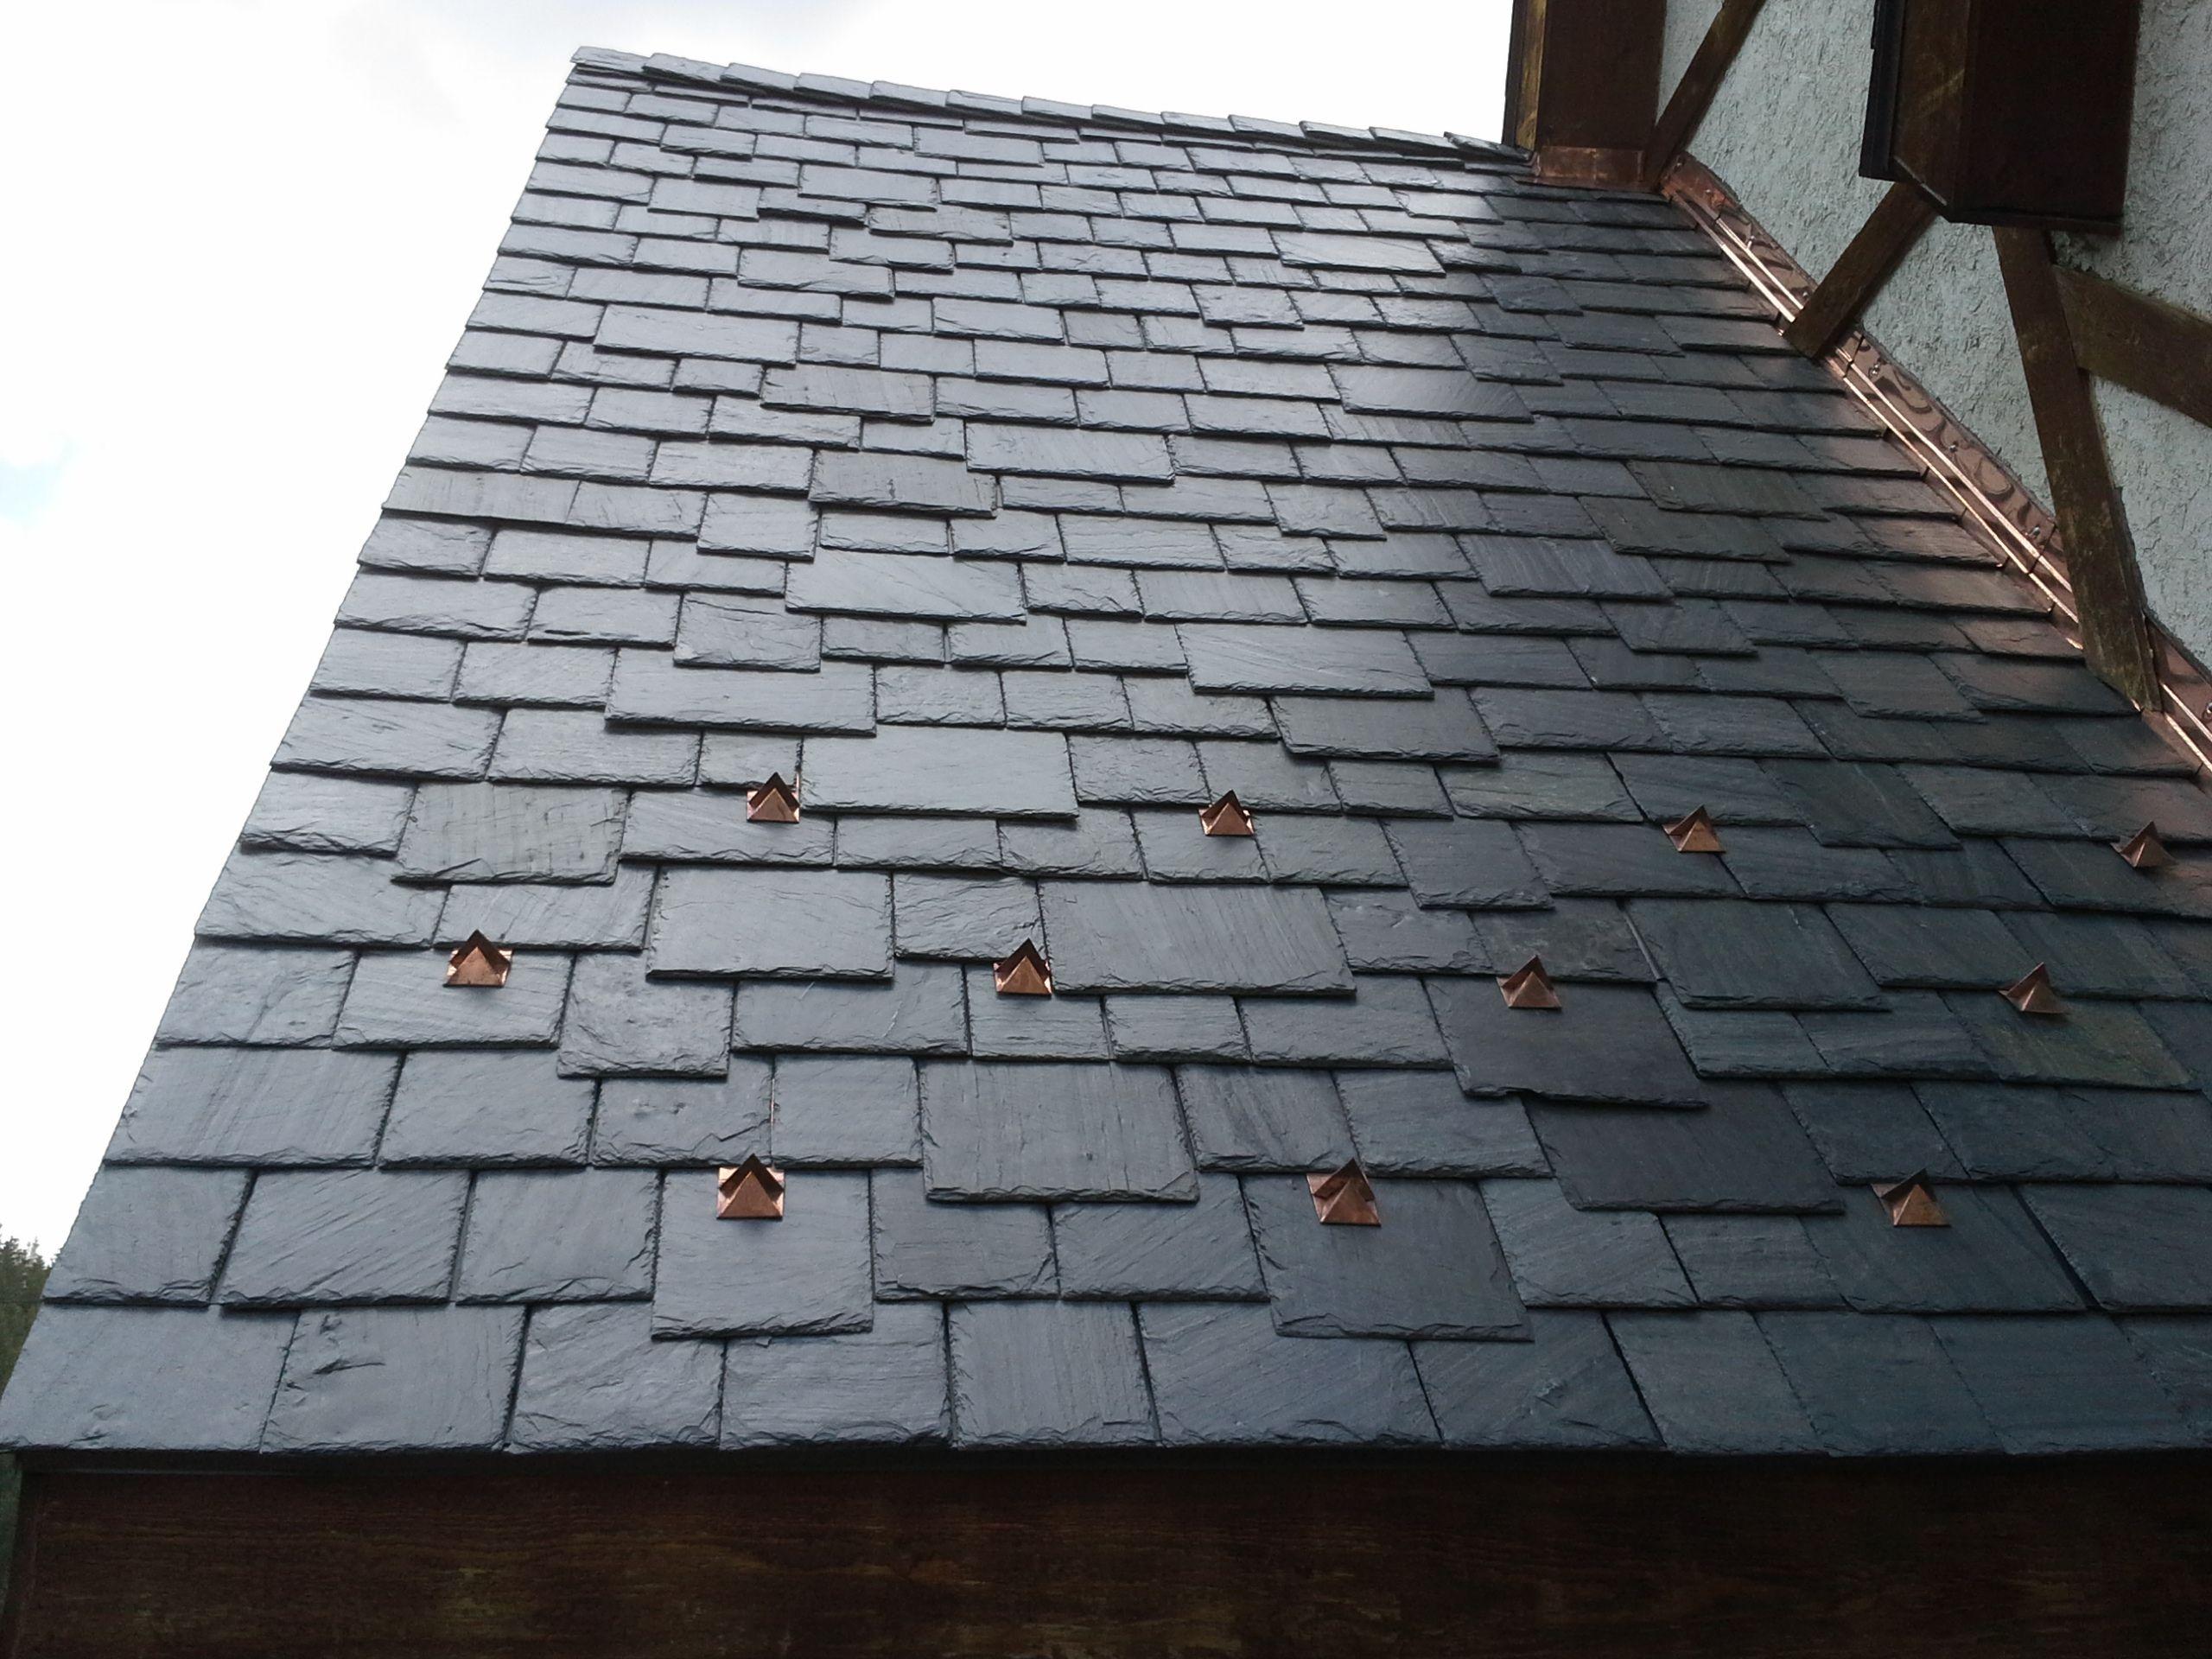 20130510 125326 Jpg 2560 1920 Slate Roof Tiles Slate Roof Roof Tiles